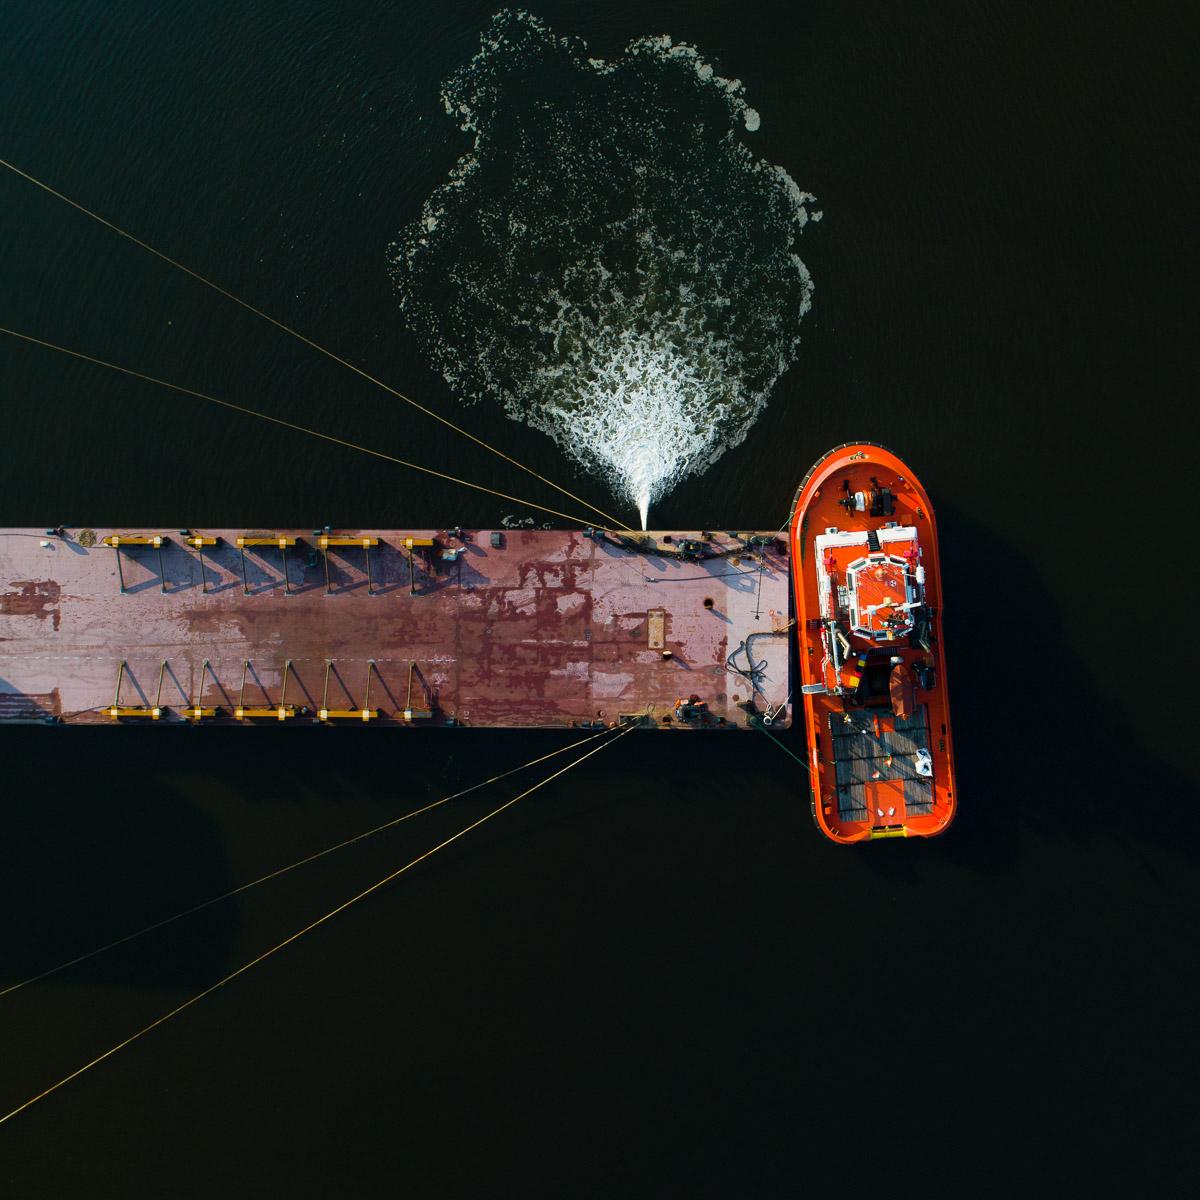 DJI_0027-antonello-zoffoli-drone-ravenna-industriale-aziendale-navale-square